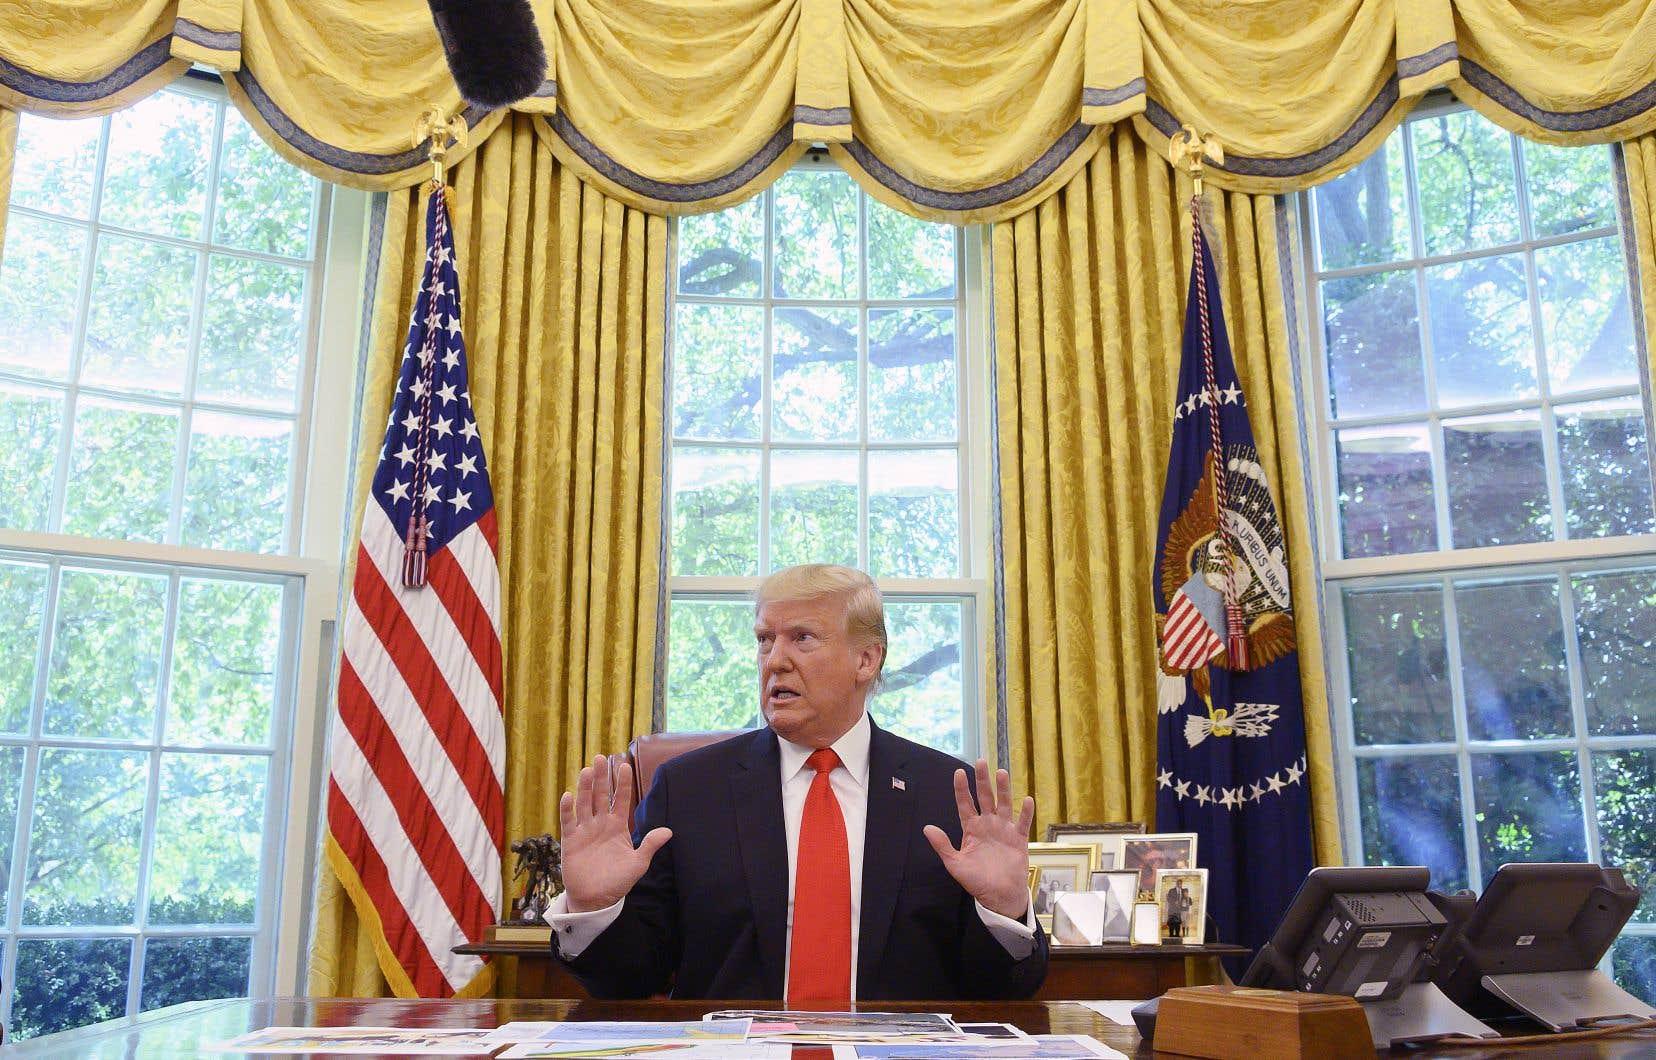 Le président américain avait créé la surprise samedi soir en dévoilant avoir organisé une réunion, prévue dimanche, avec son homologue afghan et les chefs des talibans, mais il a, sur Twitter, annulé à la fois cette rencontre et les pourparlers.